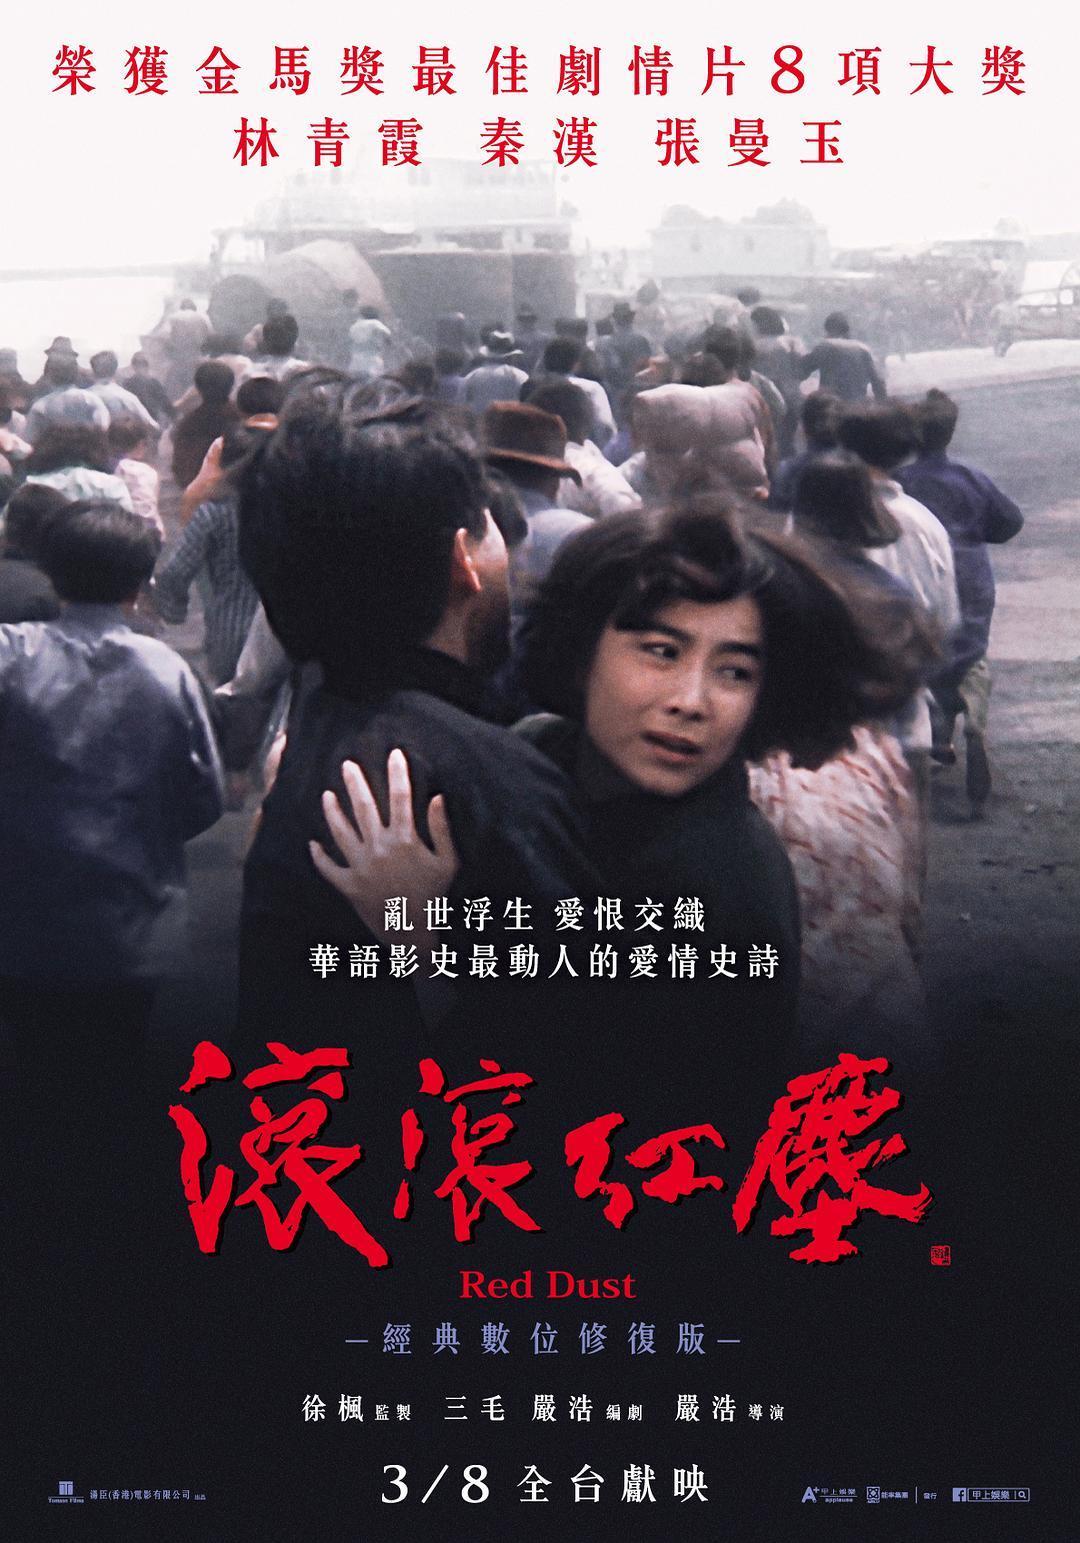 1990高分愛情戰爭《滾滾紅塵》BD1080P.國語中字